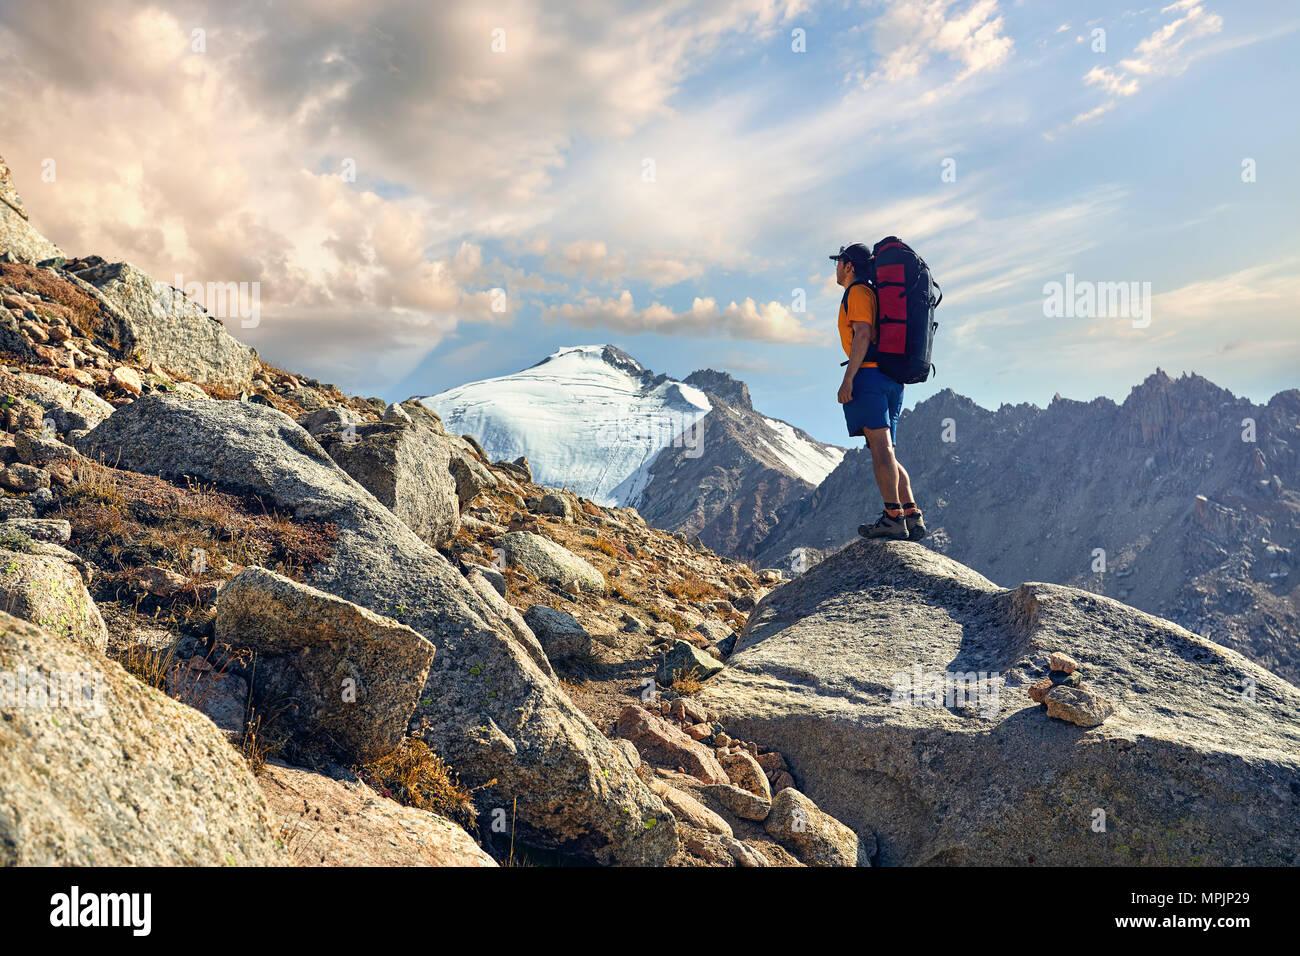 Randonneur dans une chemise orange avec de gros sac à dos à la recherche sur le sommet enneigé à l'arrière-plan Photo Stock